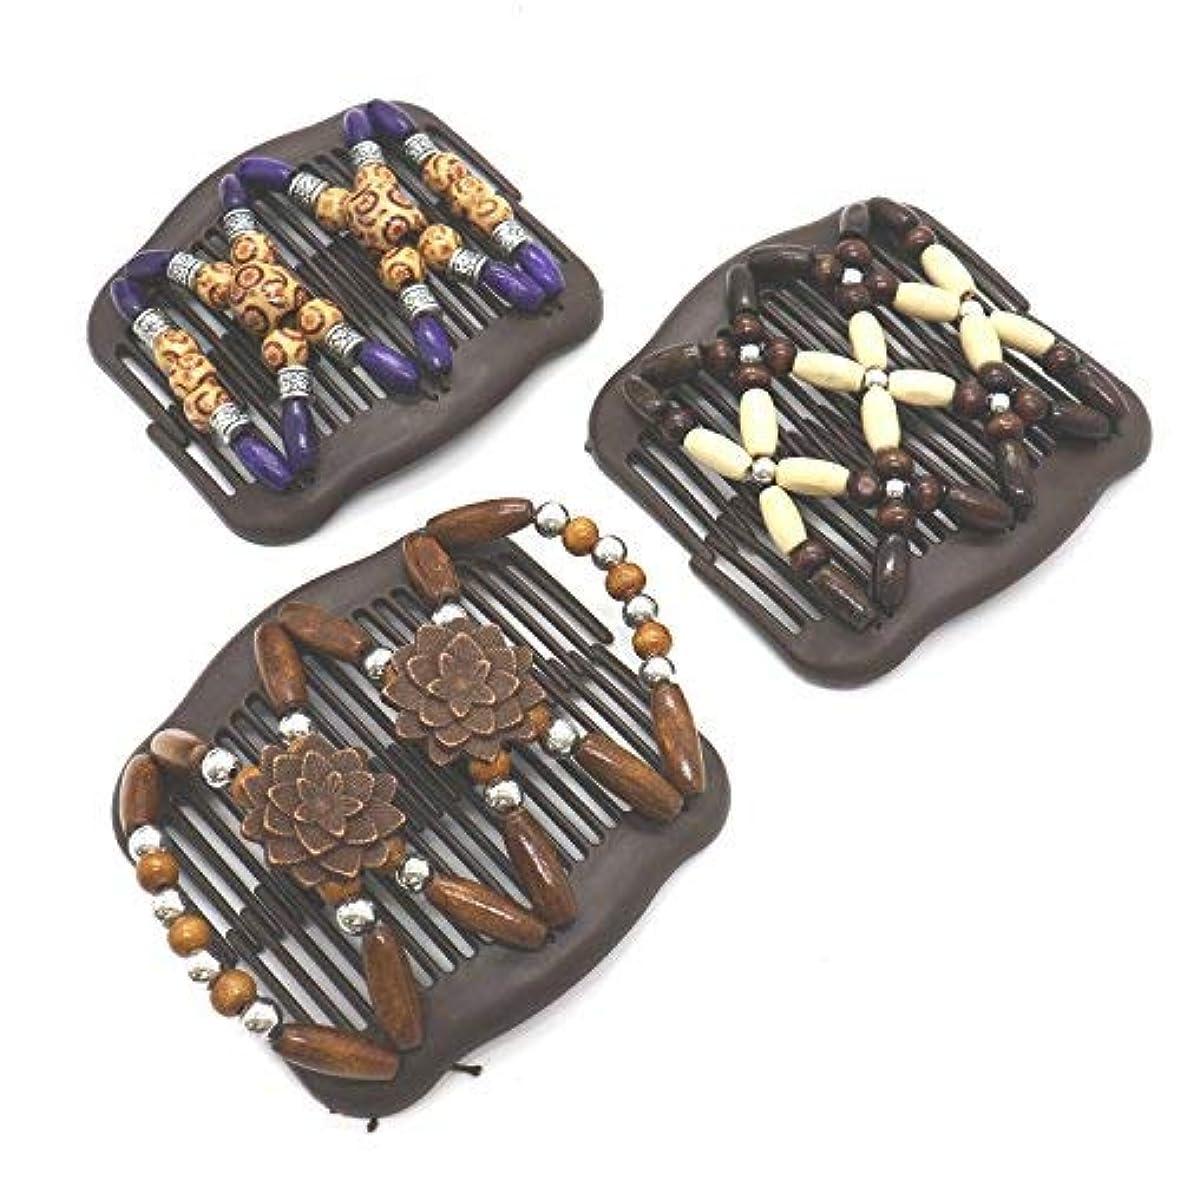 広々観察する戻るBuorsa 3Pcs Magic Combs Wood Beaded Stretch Double Side Combs Clips Bun Maker Hair Accessories for Wowen Girls...